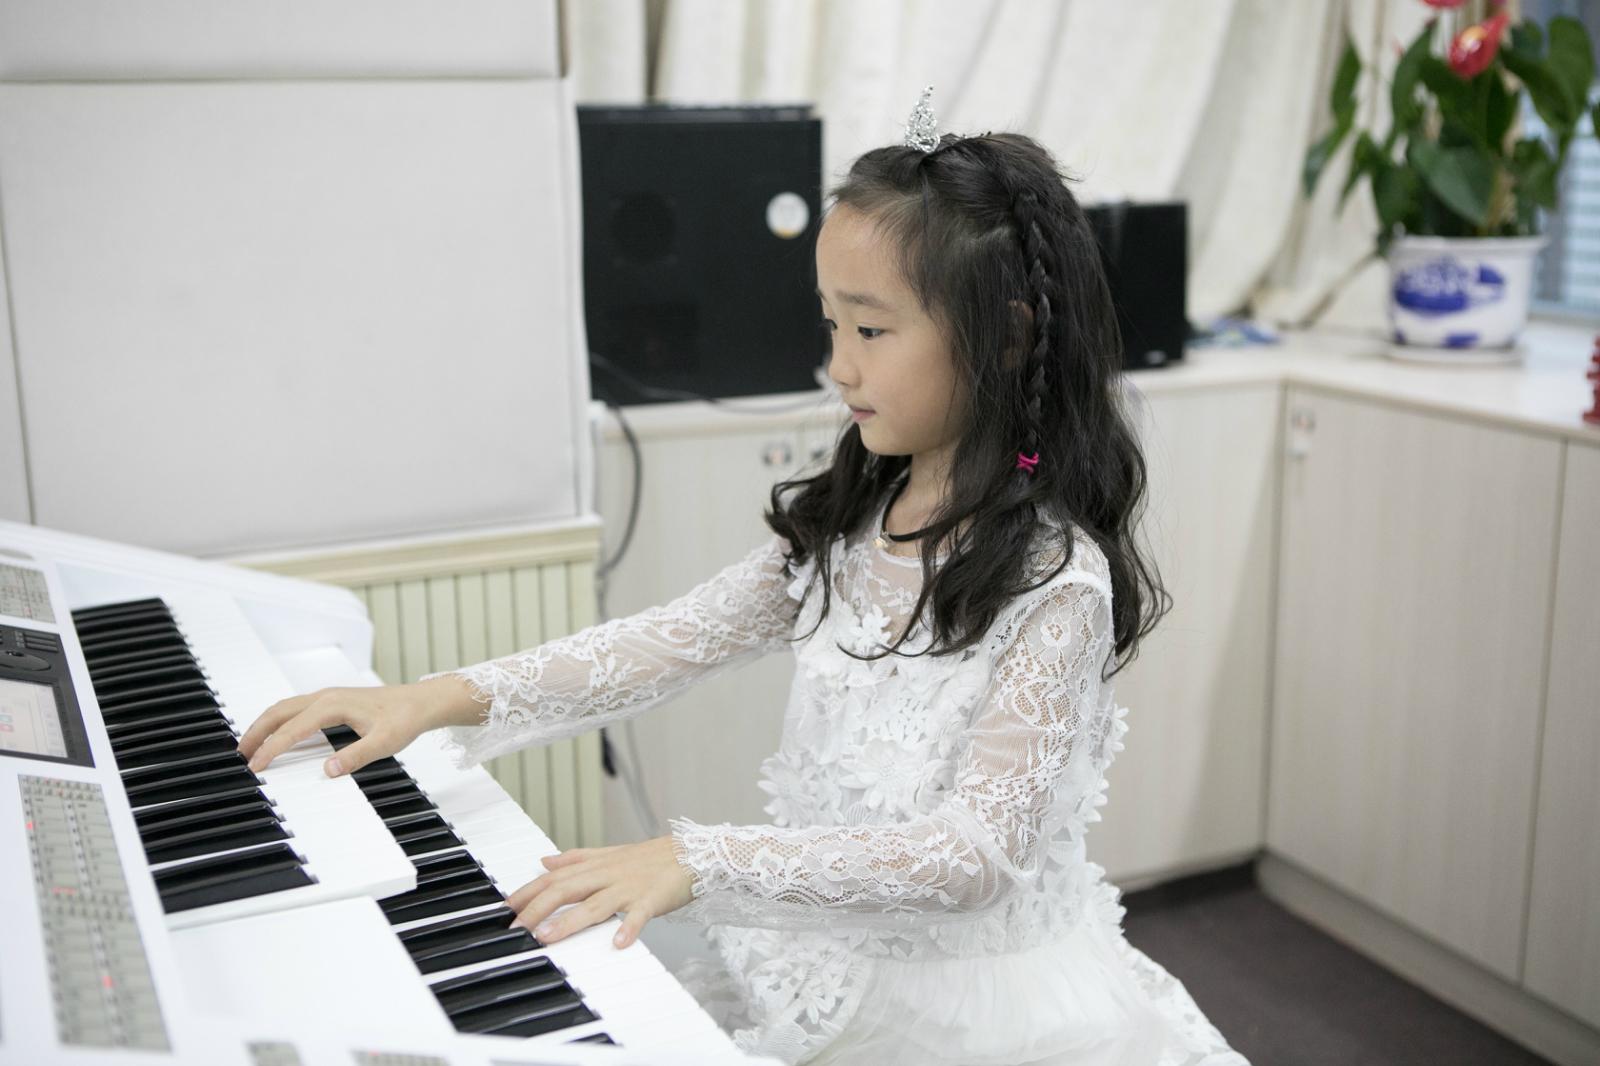 学琴时,如何防止过度练习而造成伤害?